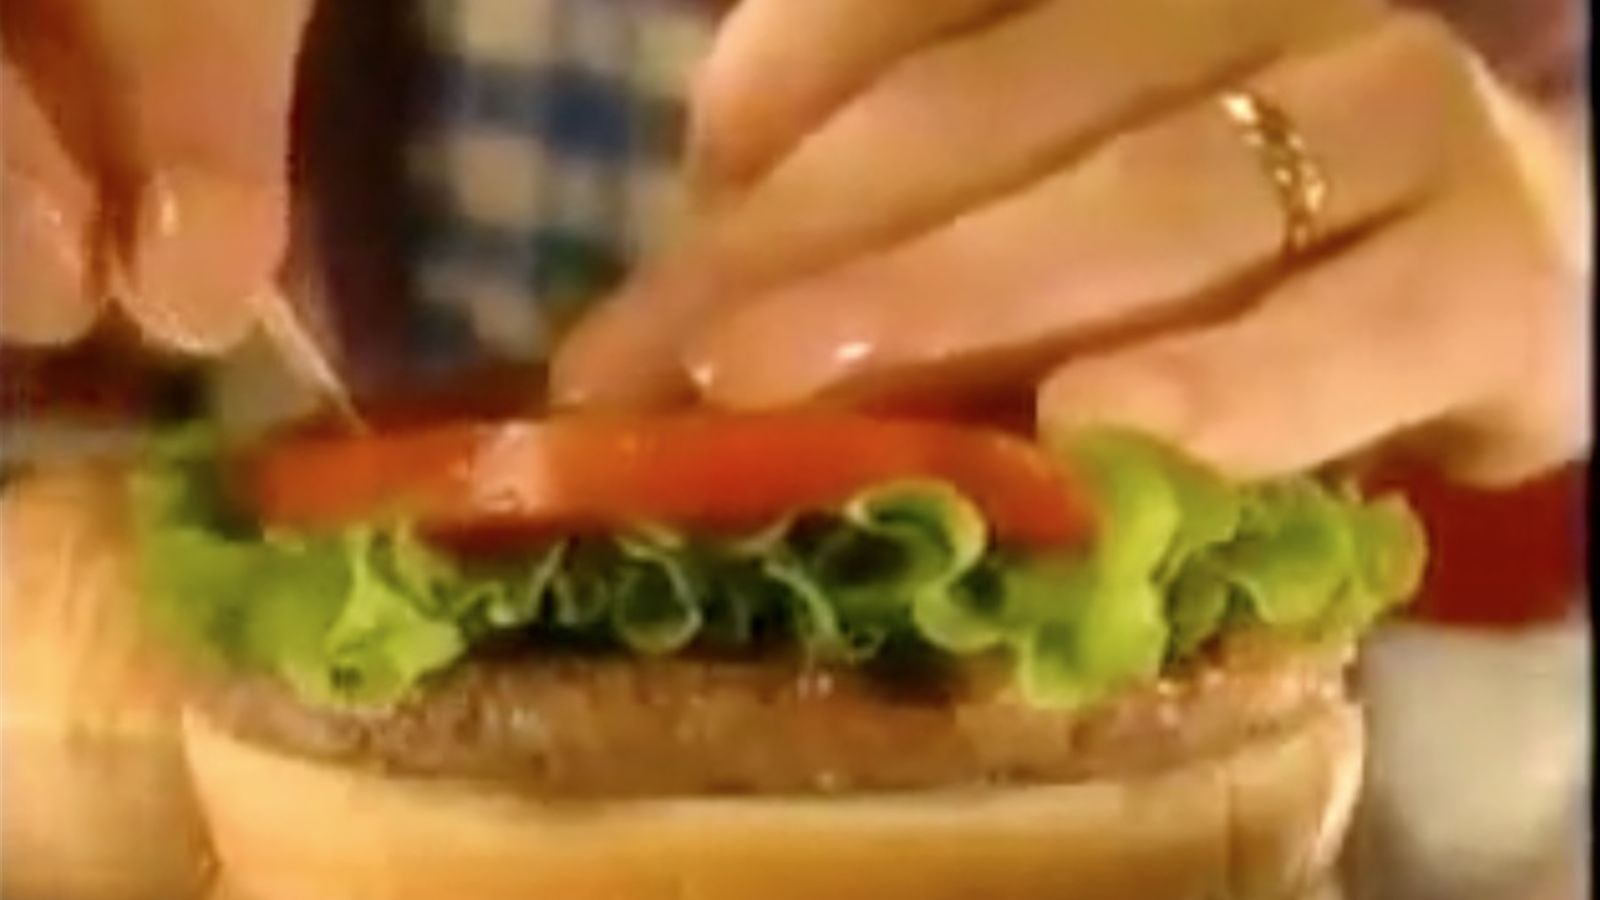 Els trucs dels anunciants per fer el menjar irresistible